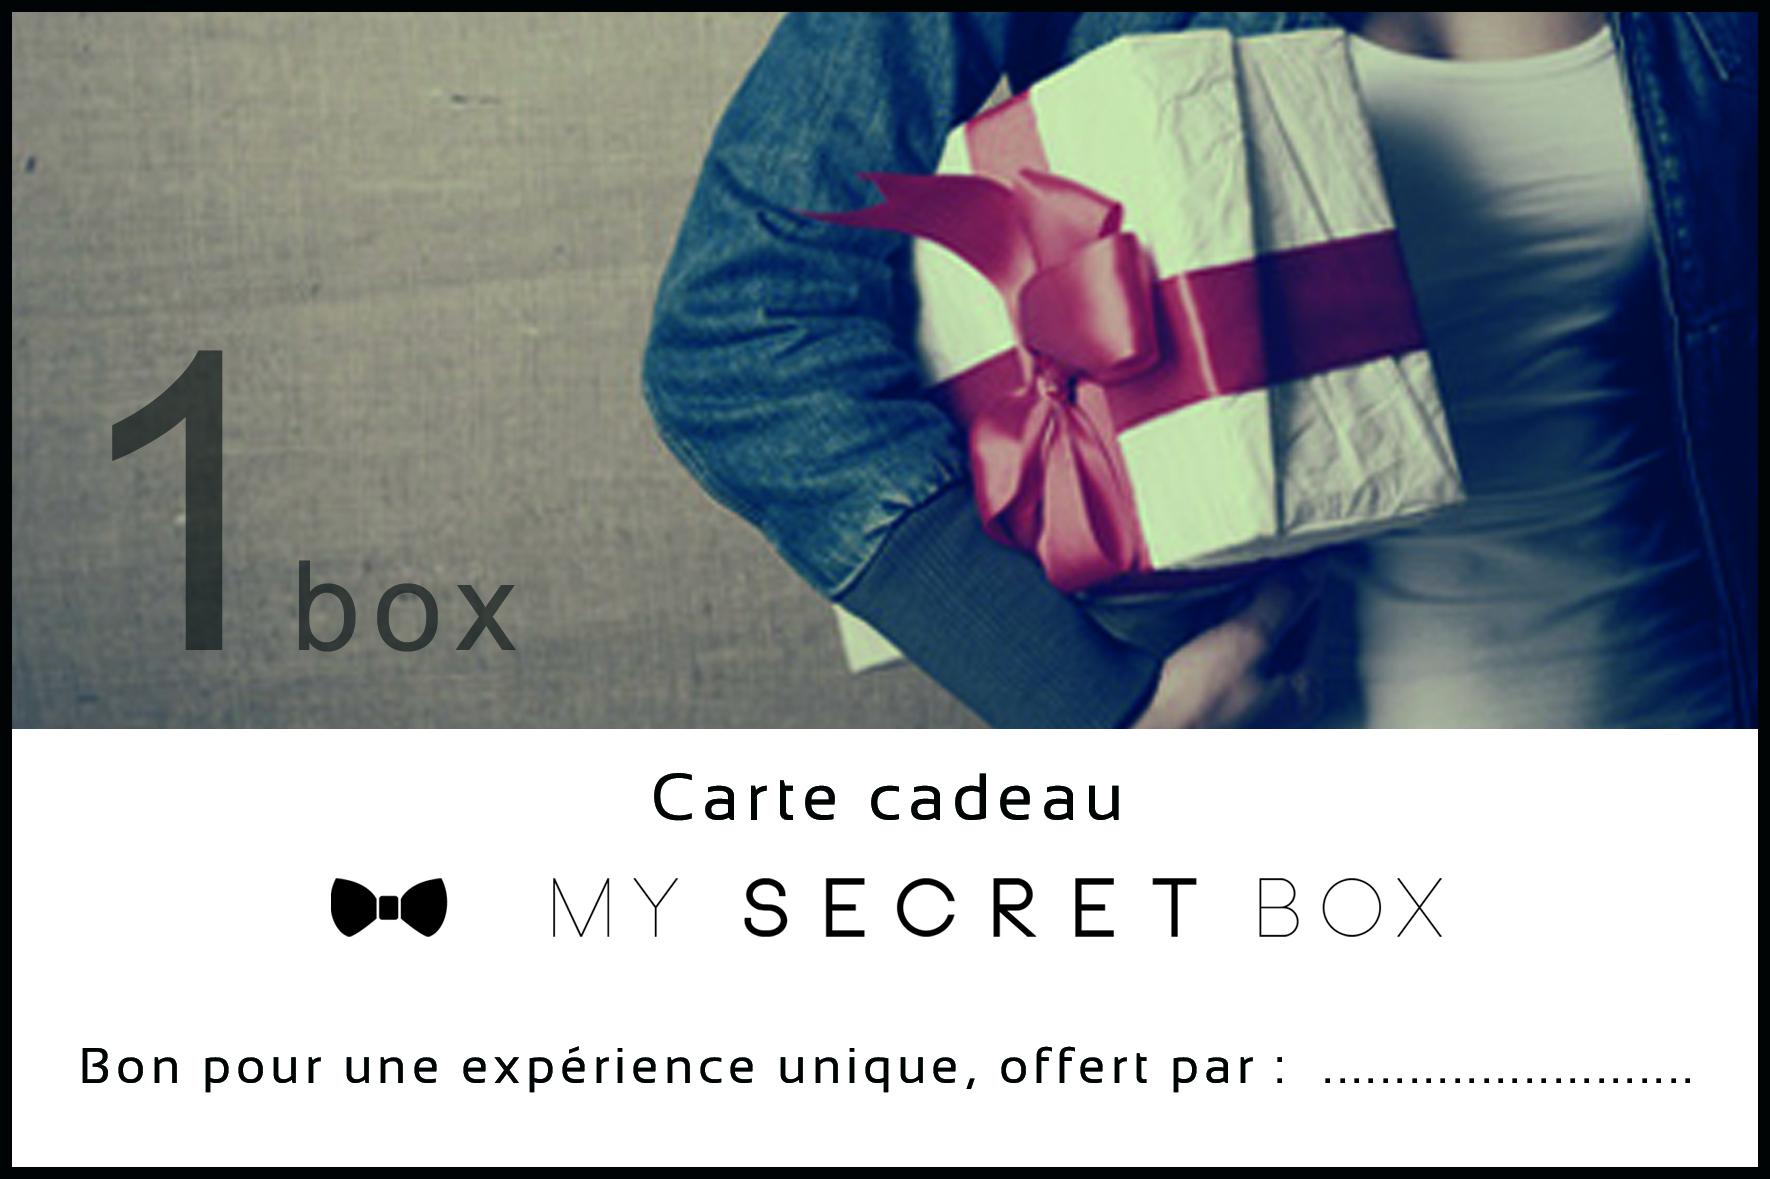 cartecado1box